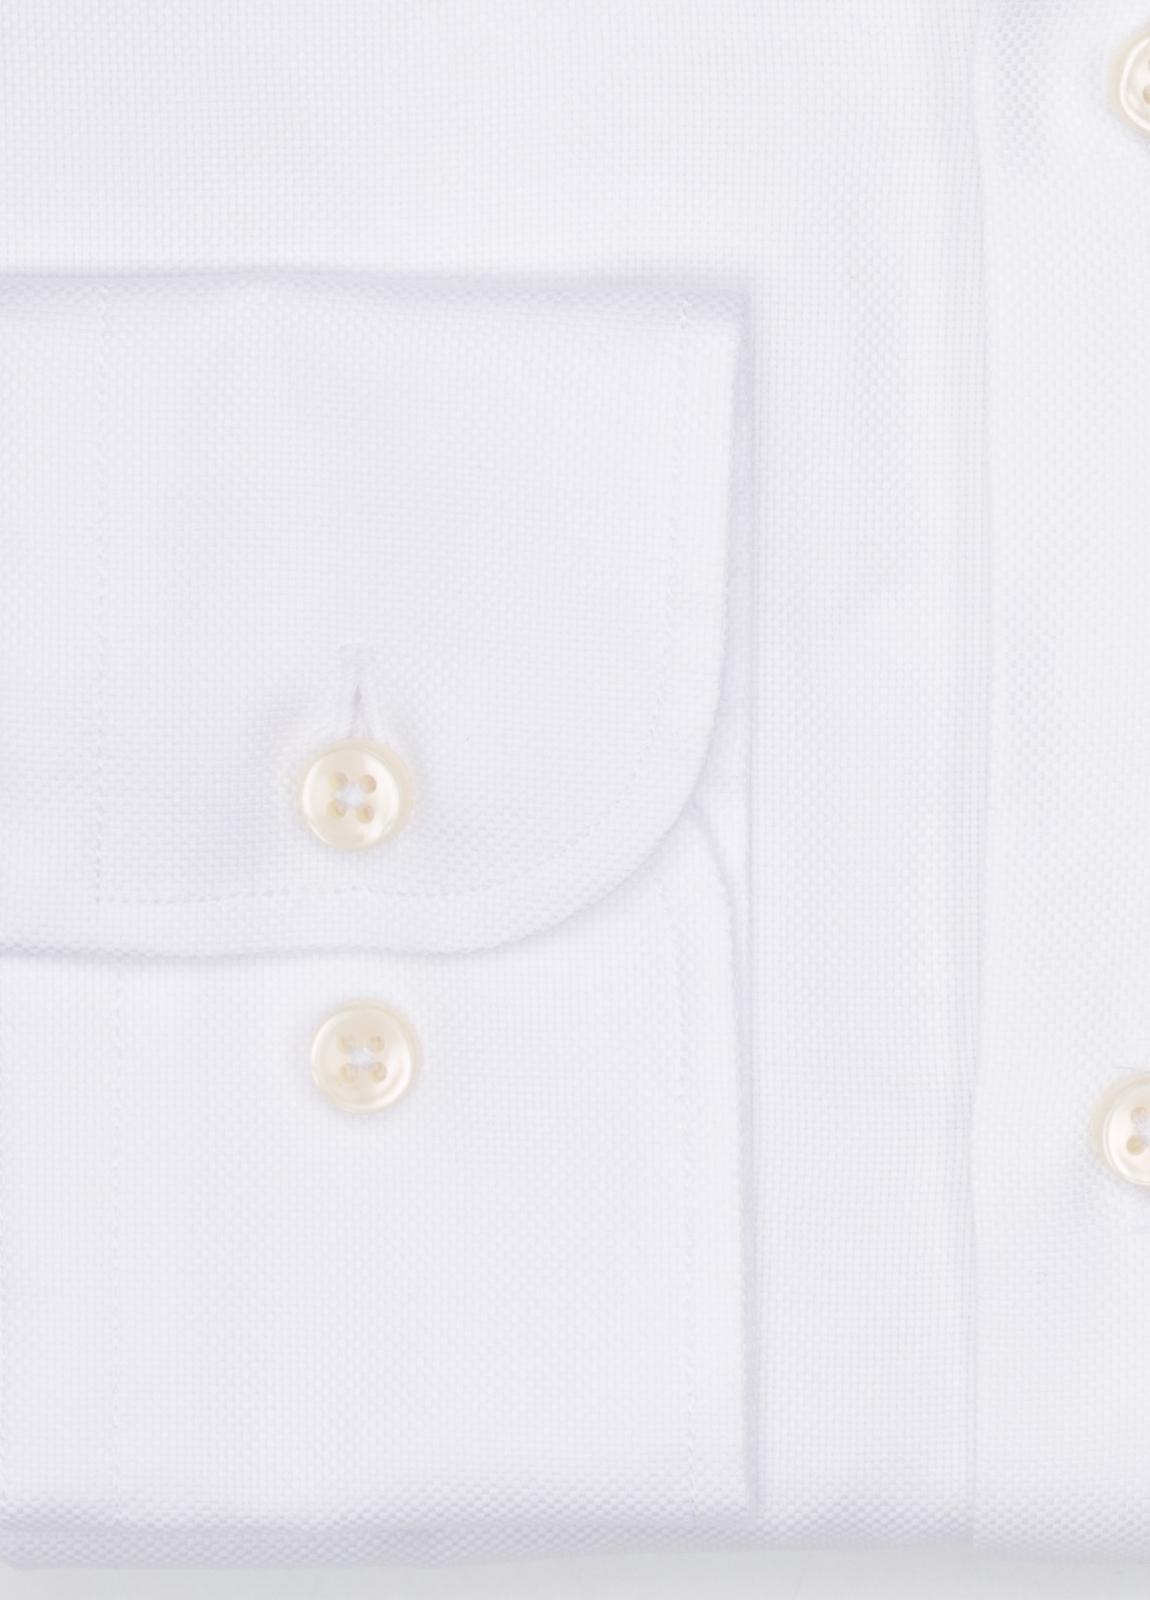 Camisa Formal Wear REGULAR FIT cuello italiano modelo NAPOLI tejido micrograbado color blanco, 100% Algodón. - Ítem2